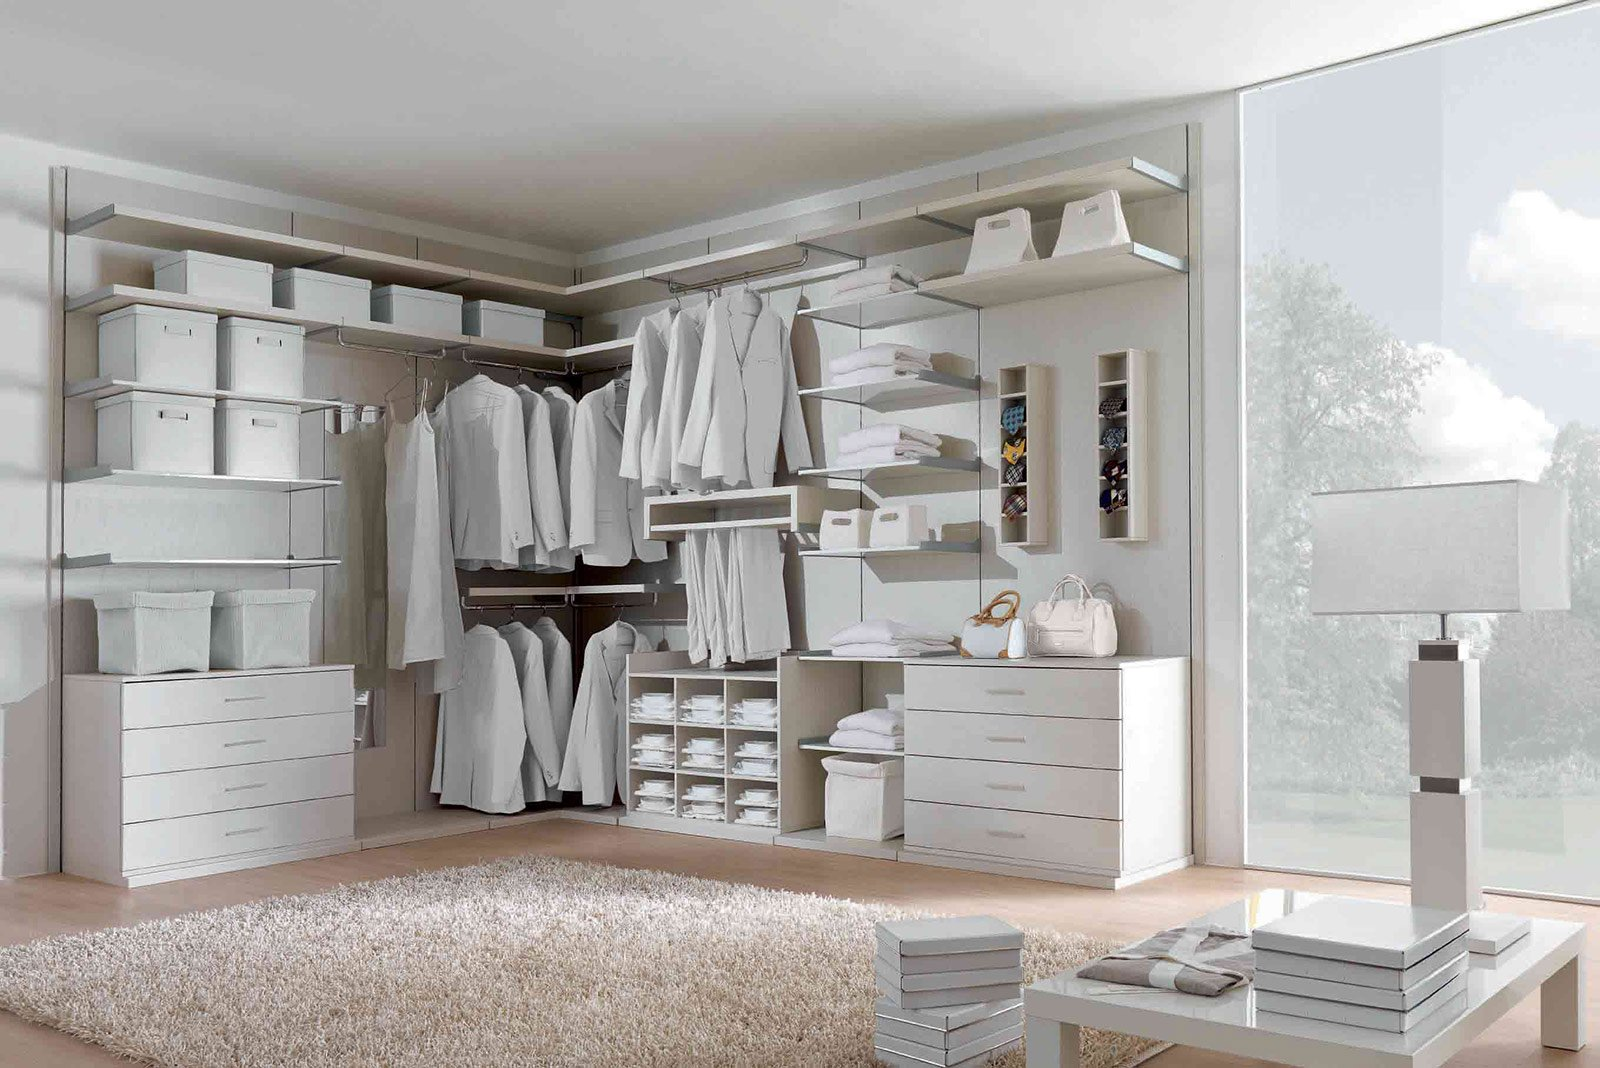 Cabine armadio progettiamo insieme lo spazio cose di casa for Negozio di metallo con appartamento